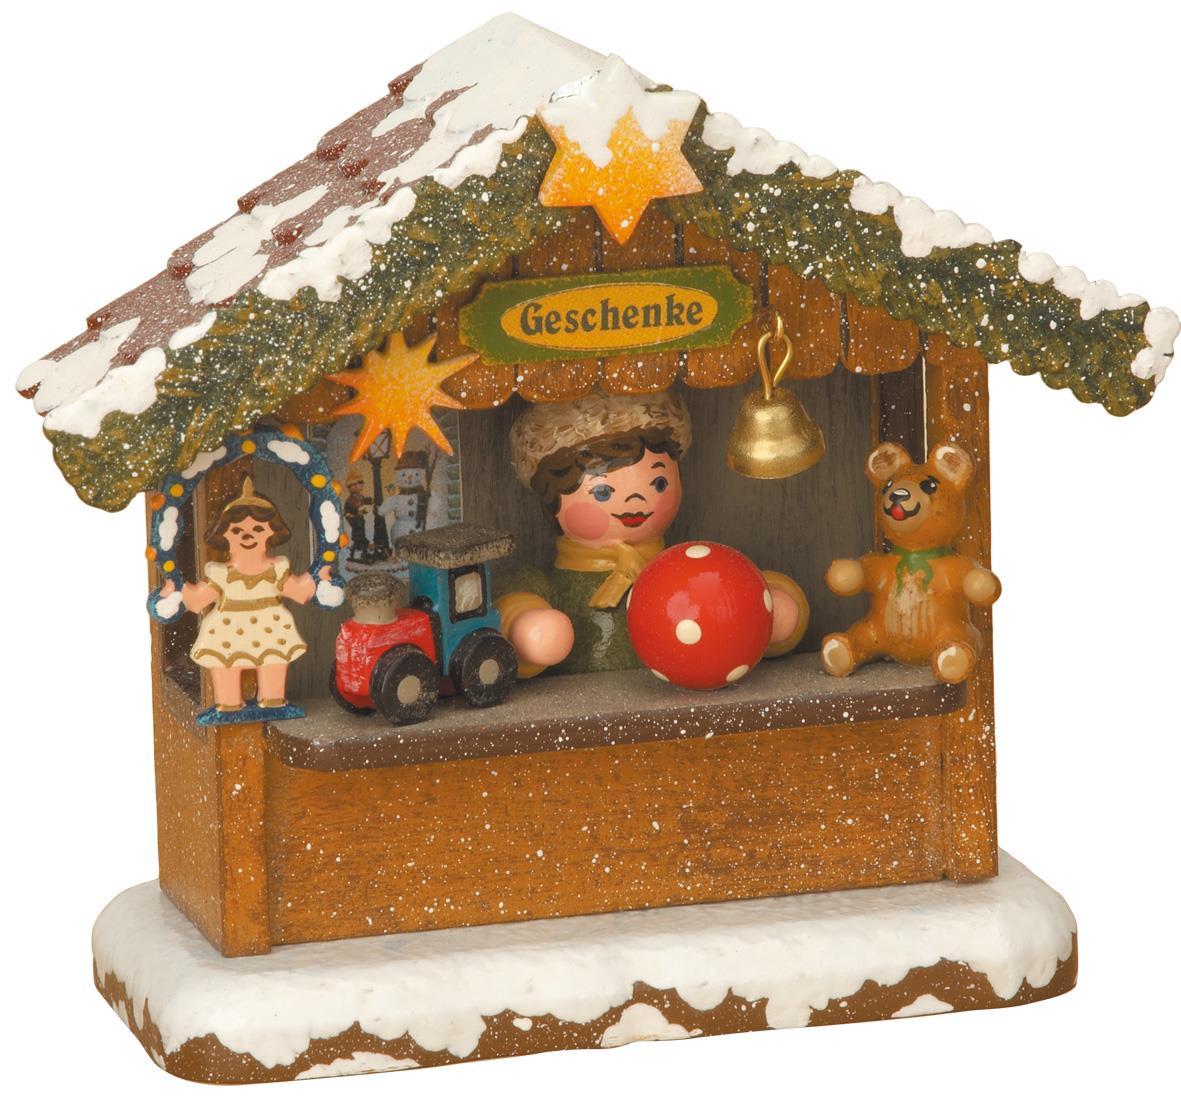 Winterhaus - Geschenkehäusel